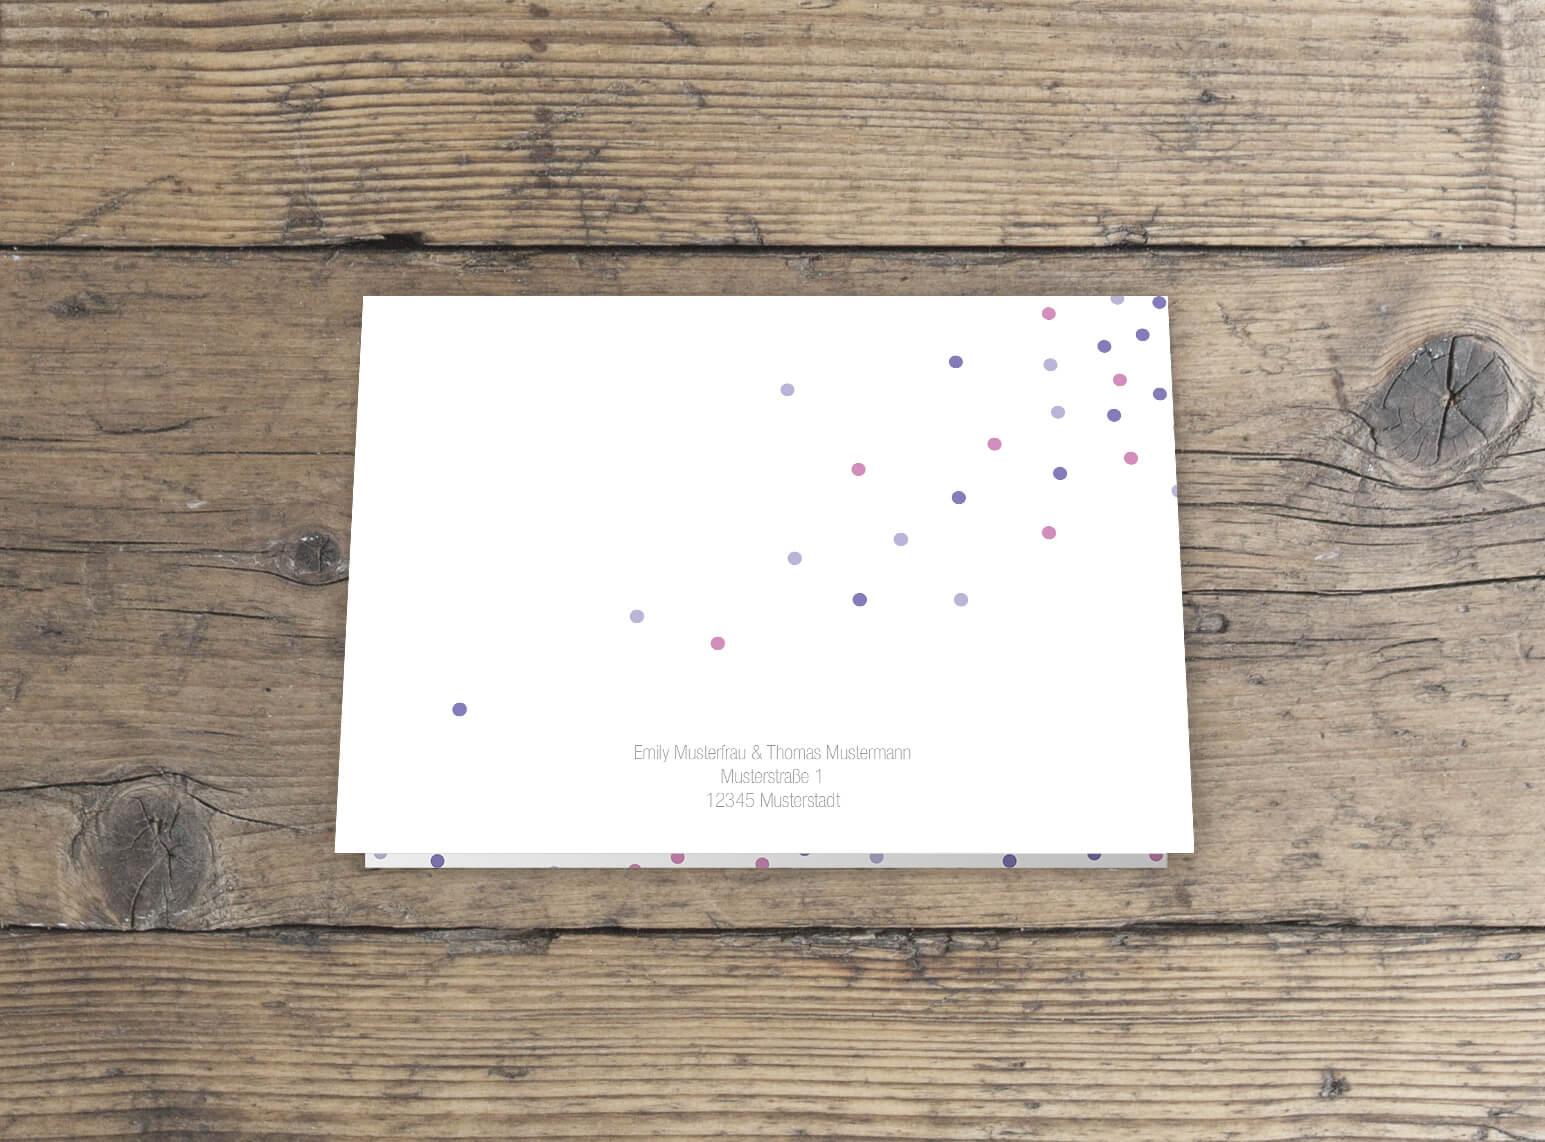 Klappkarte Diplomar Format Hochzeitseinladung